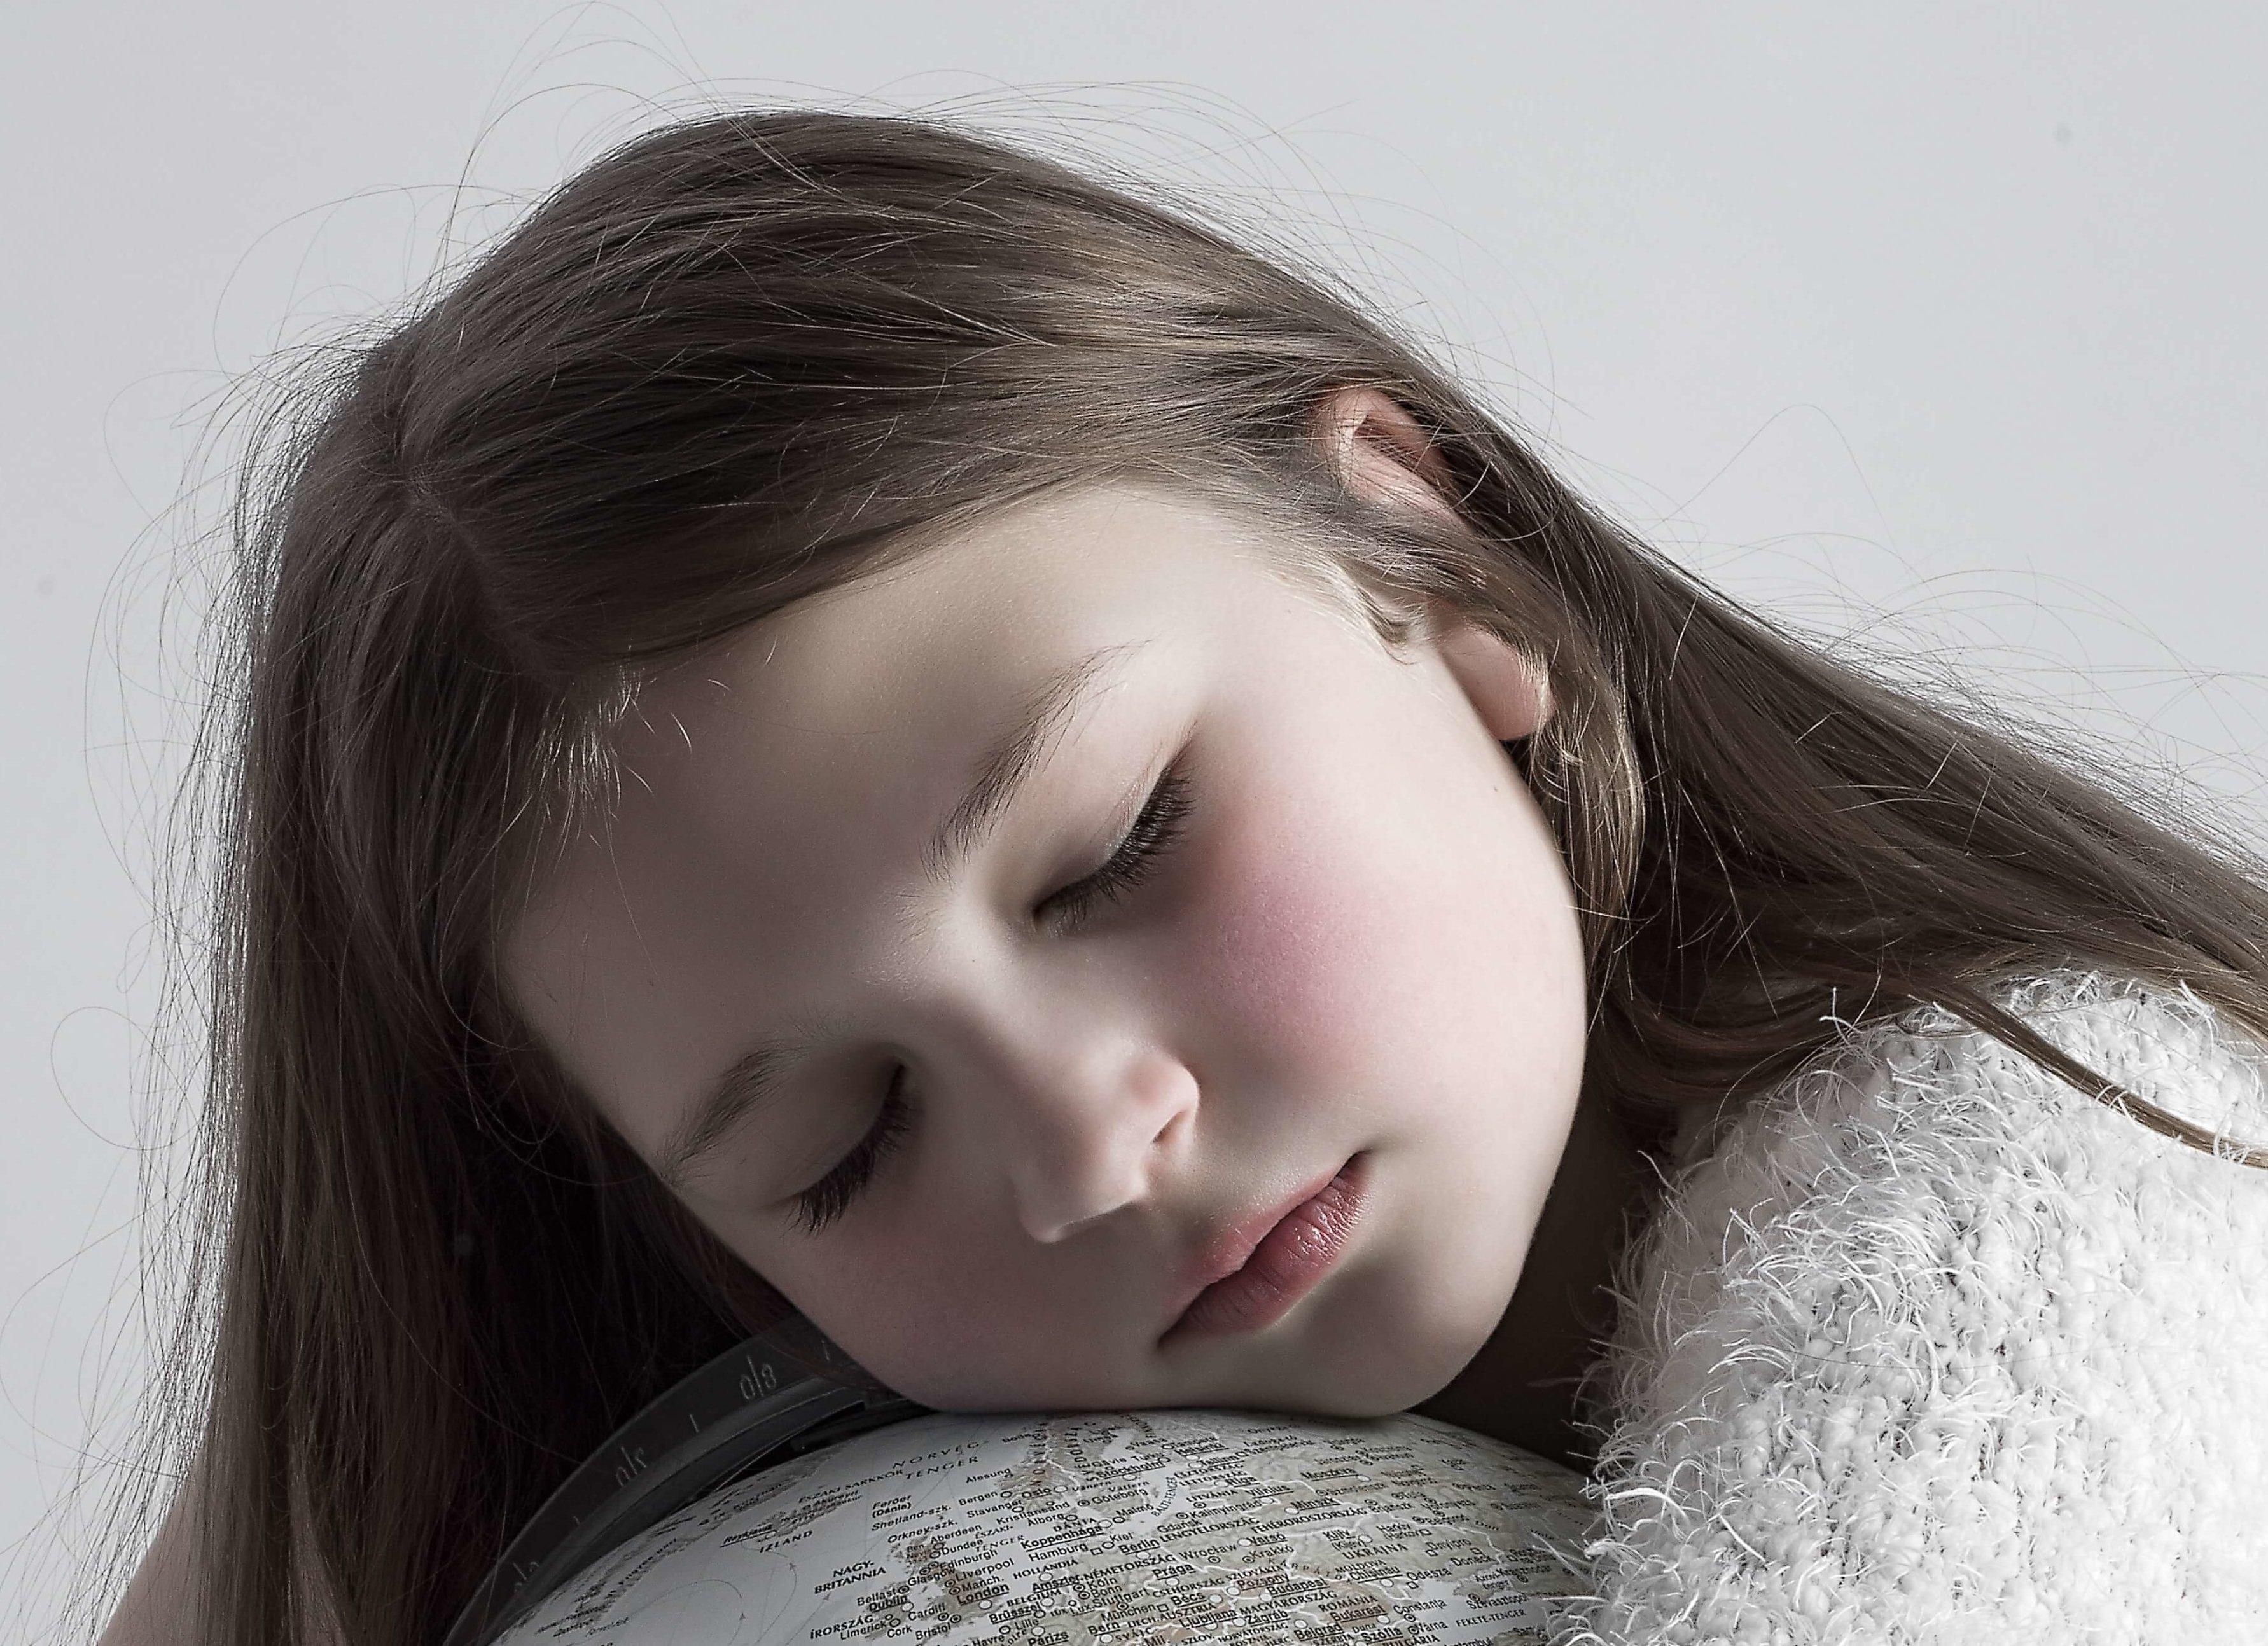 Children, anxiety, sleep